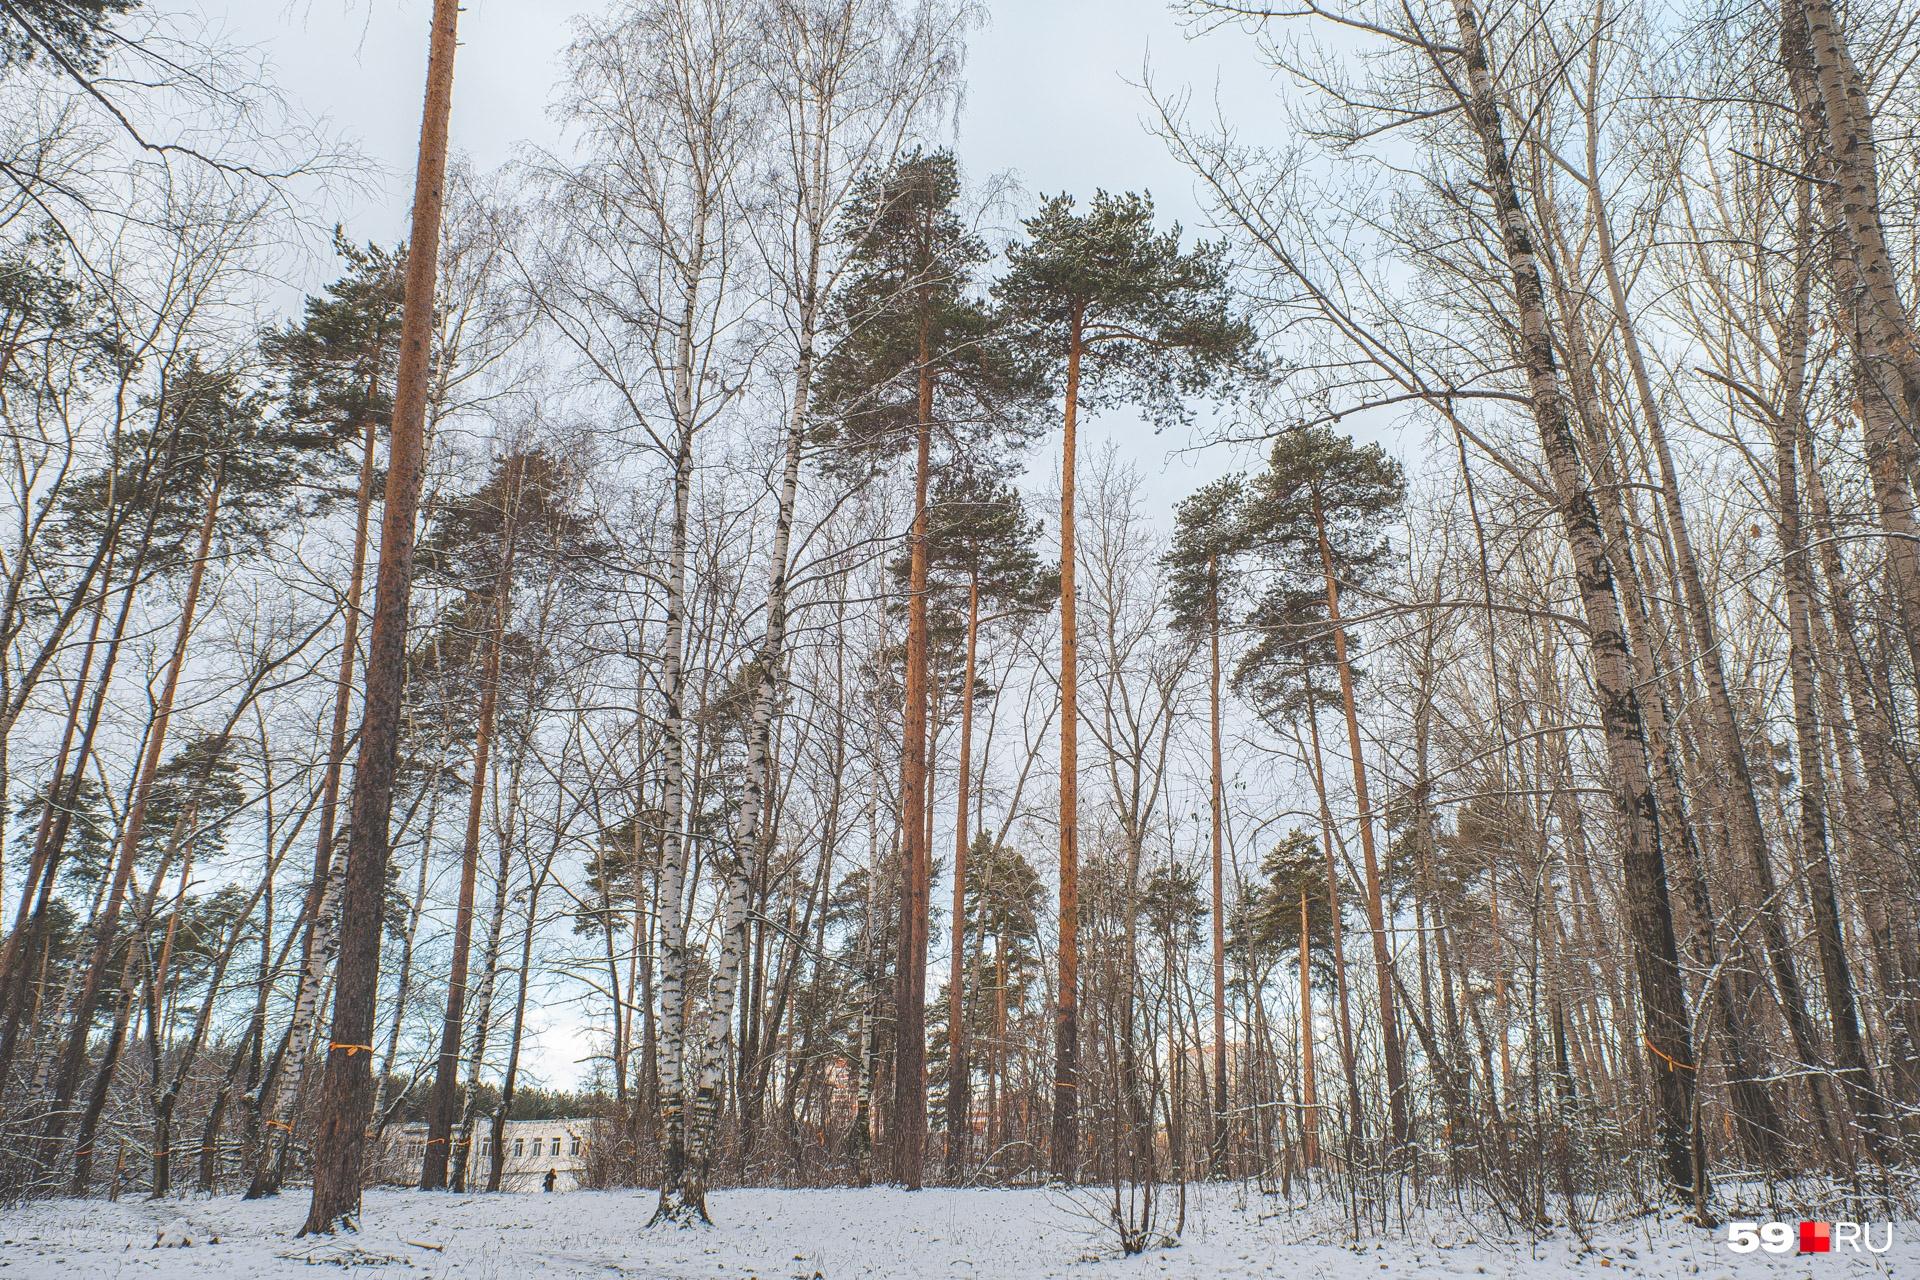 Многие жители микрорайона гуляют и занимаются спортом в этом лесу